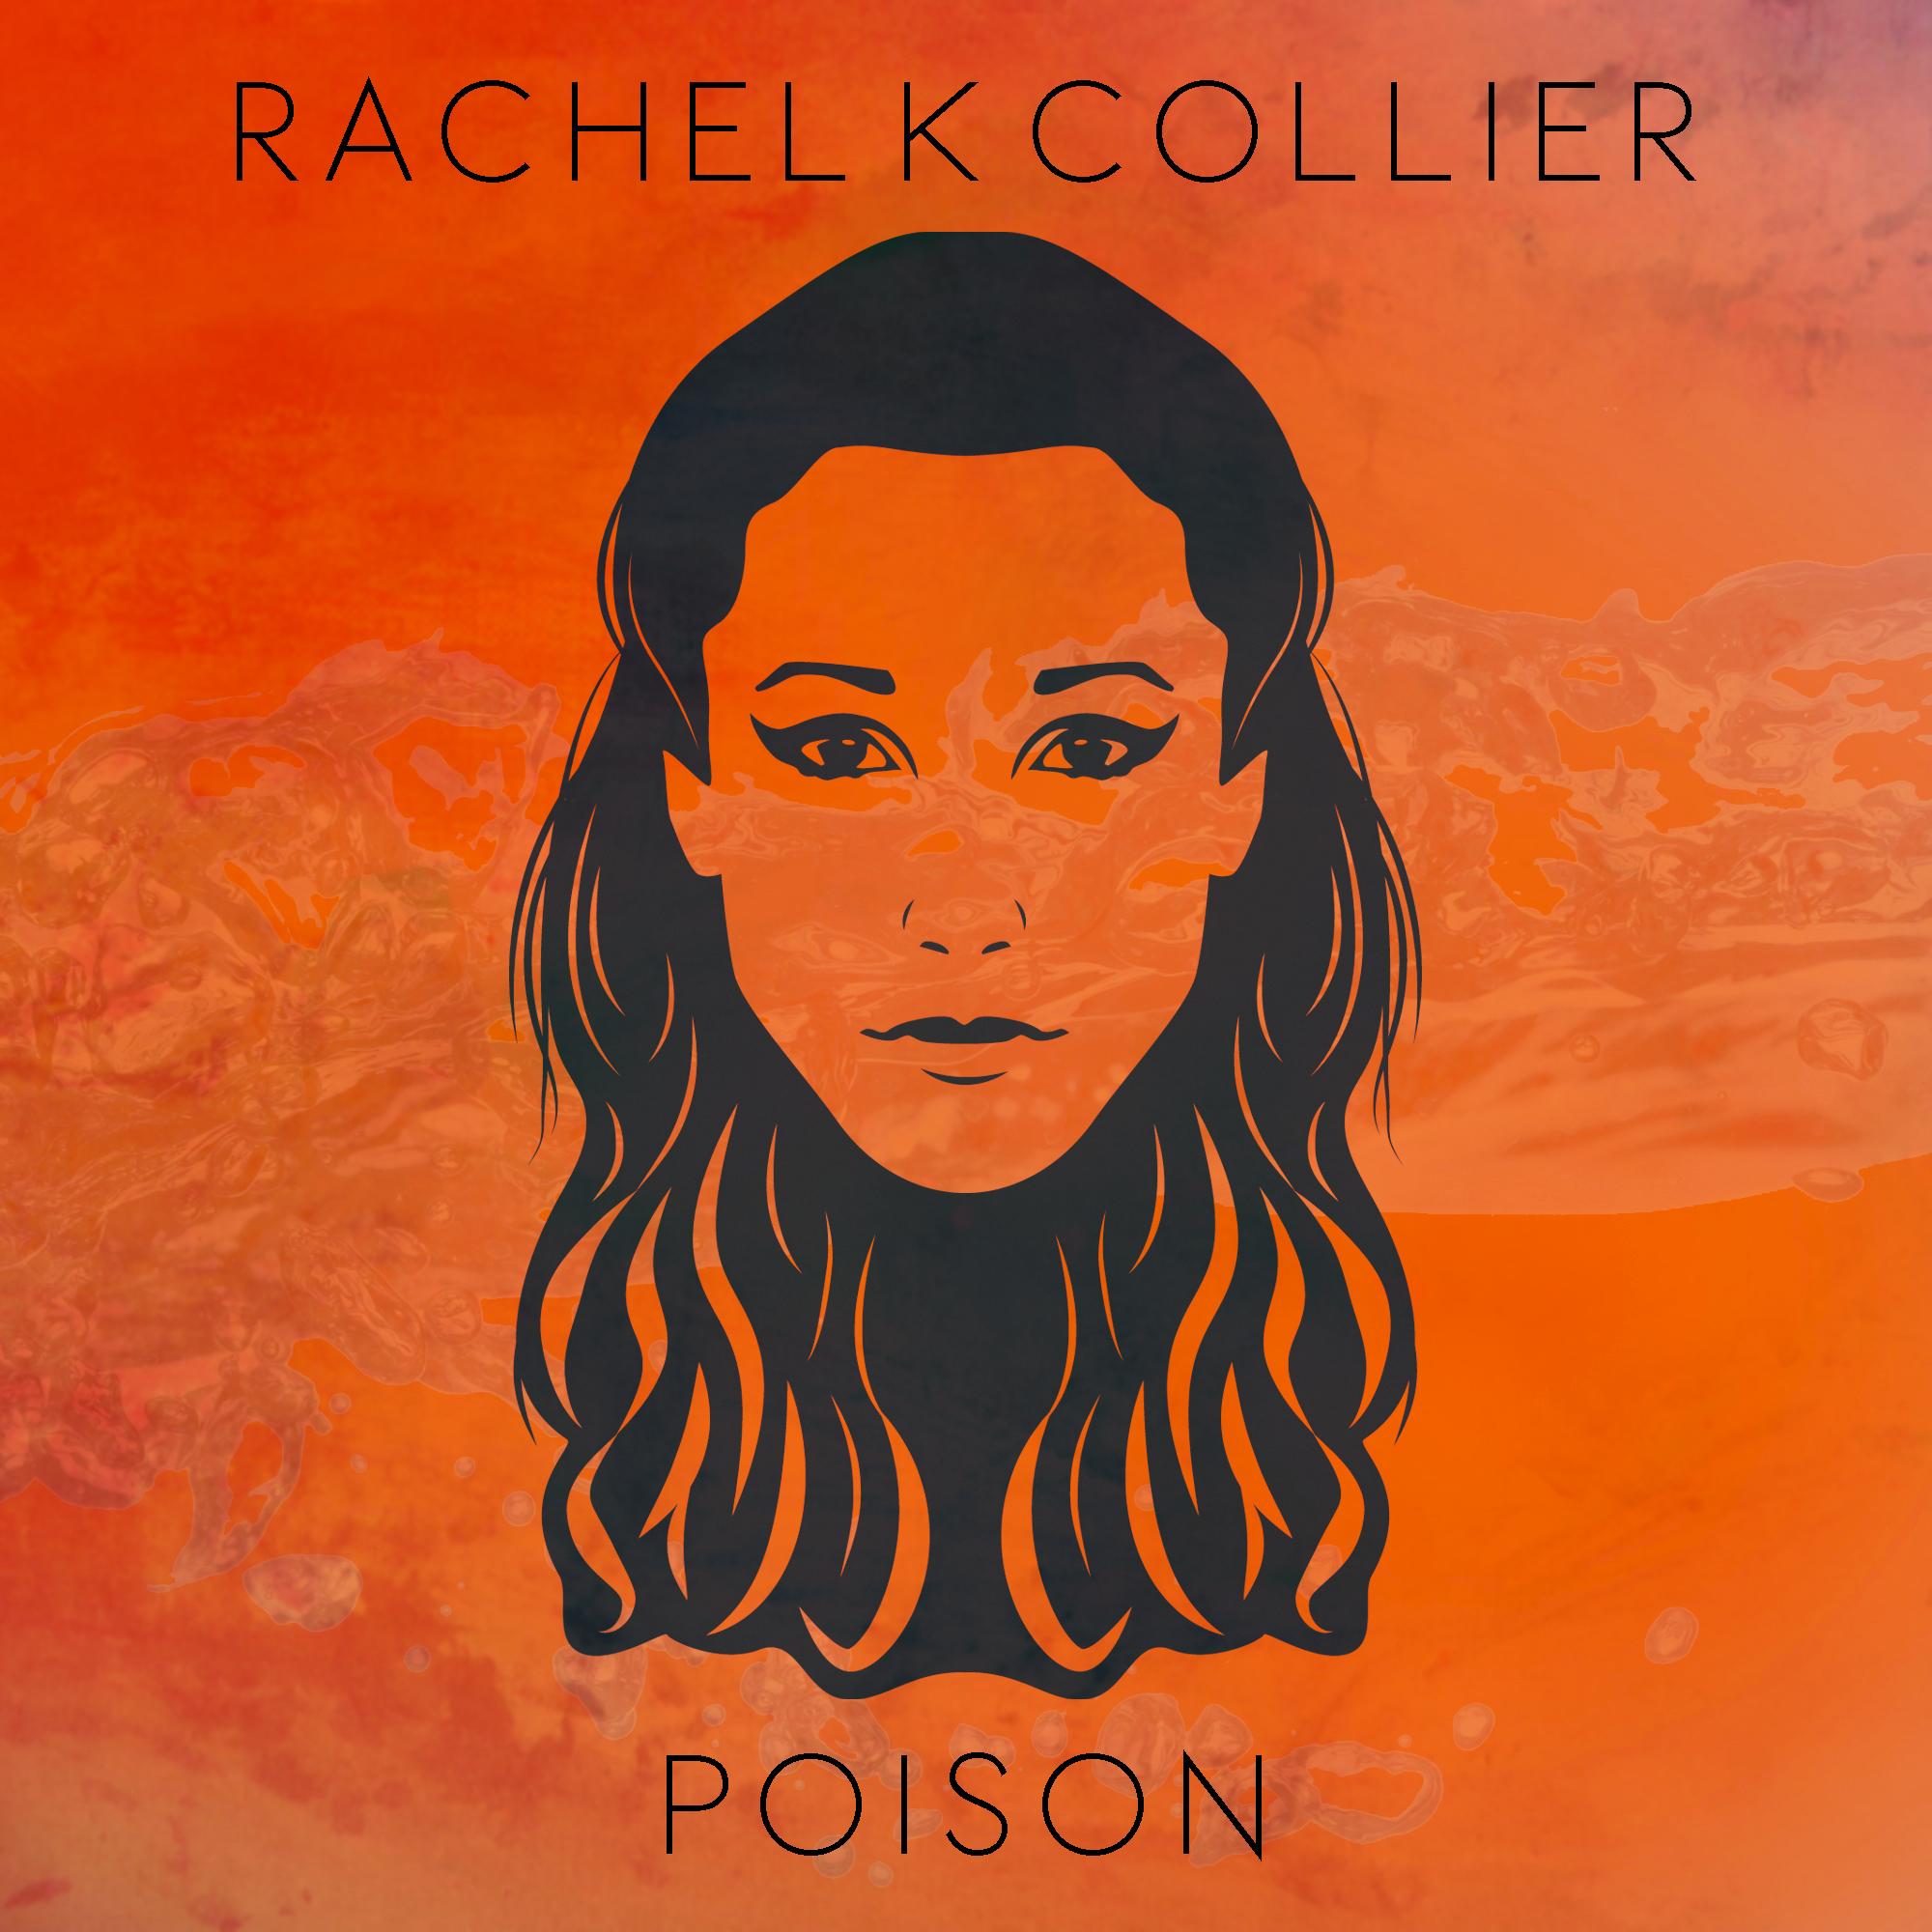 Rachel K Collier Poison Artwork.jpg